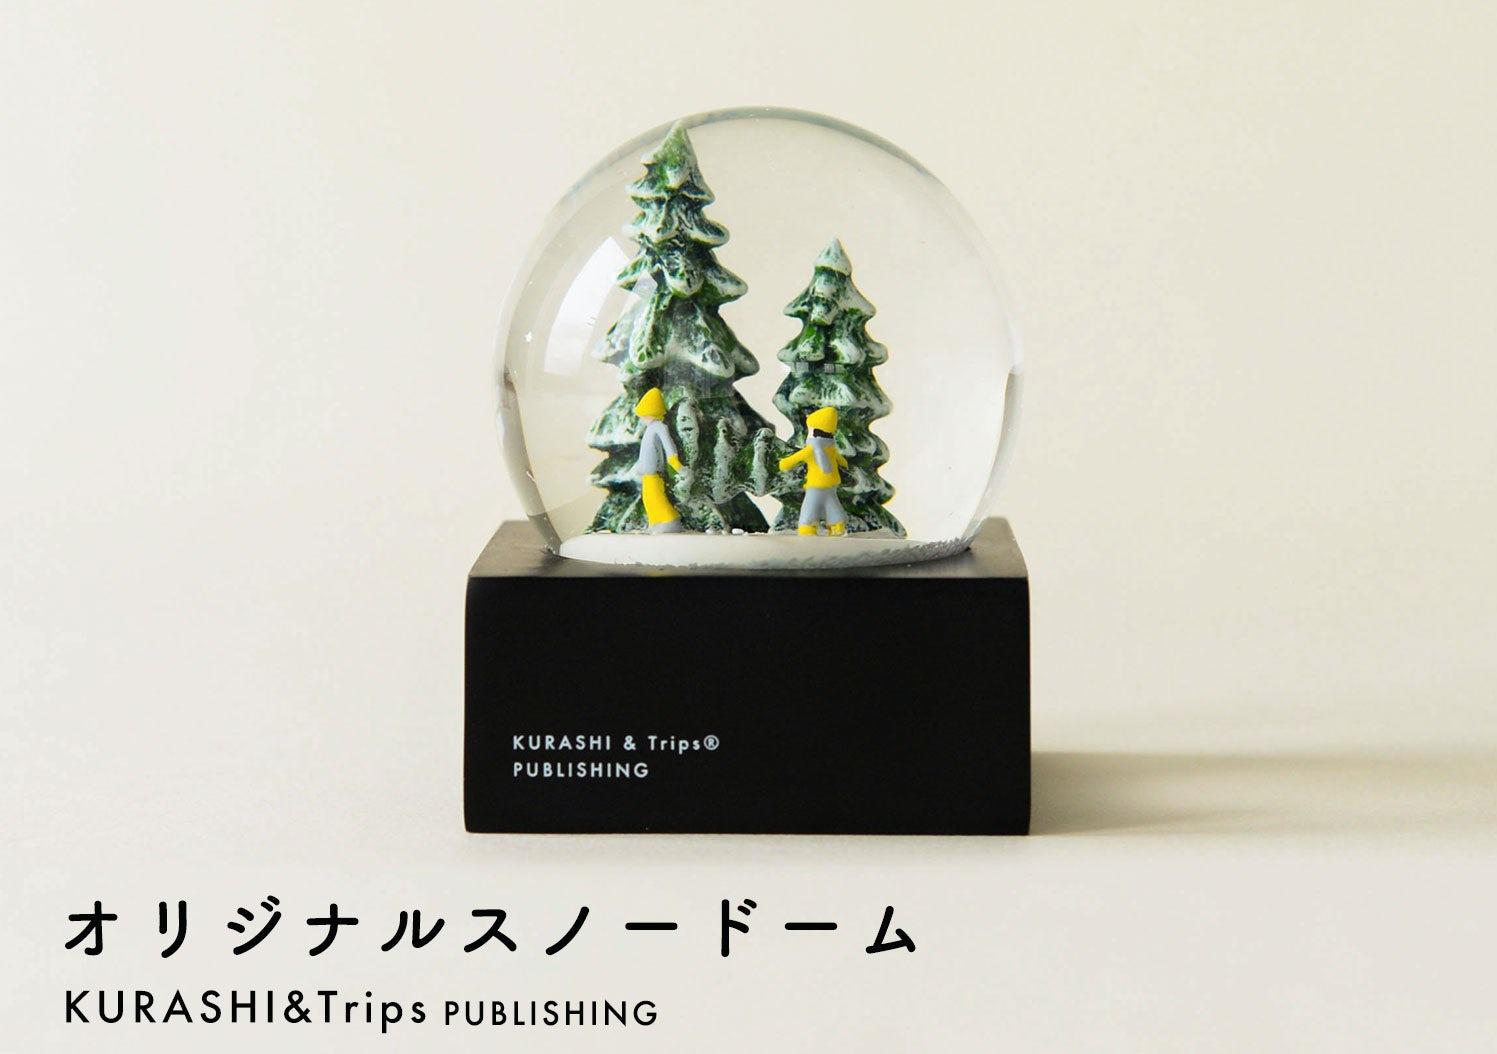 KURASHI&Trips PUBLISHING / オリジナルスノードーム2019の画像